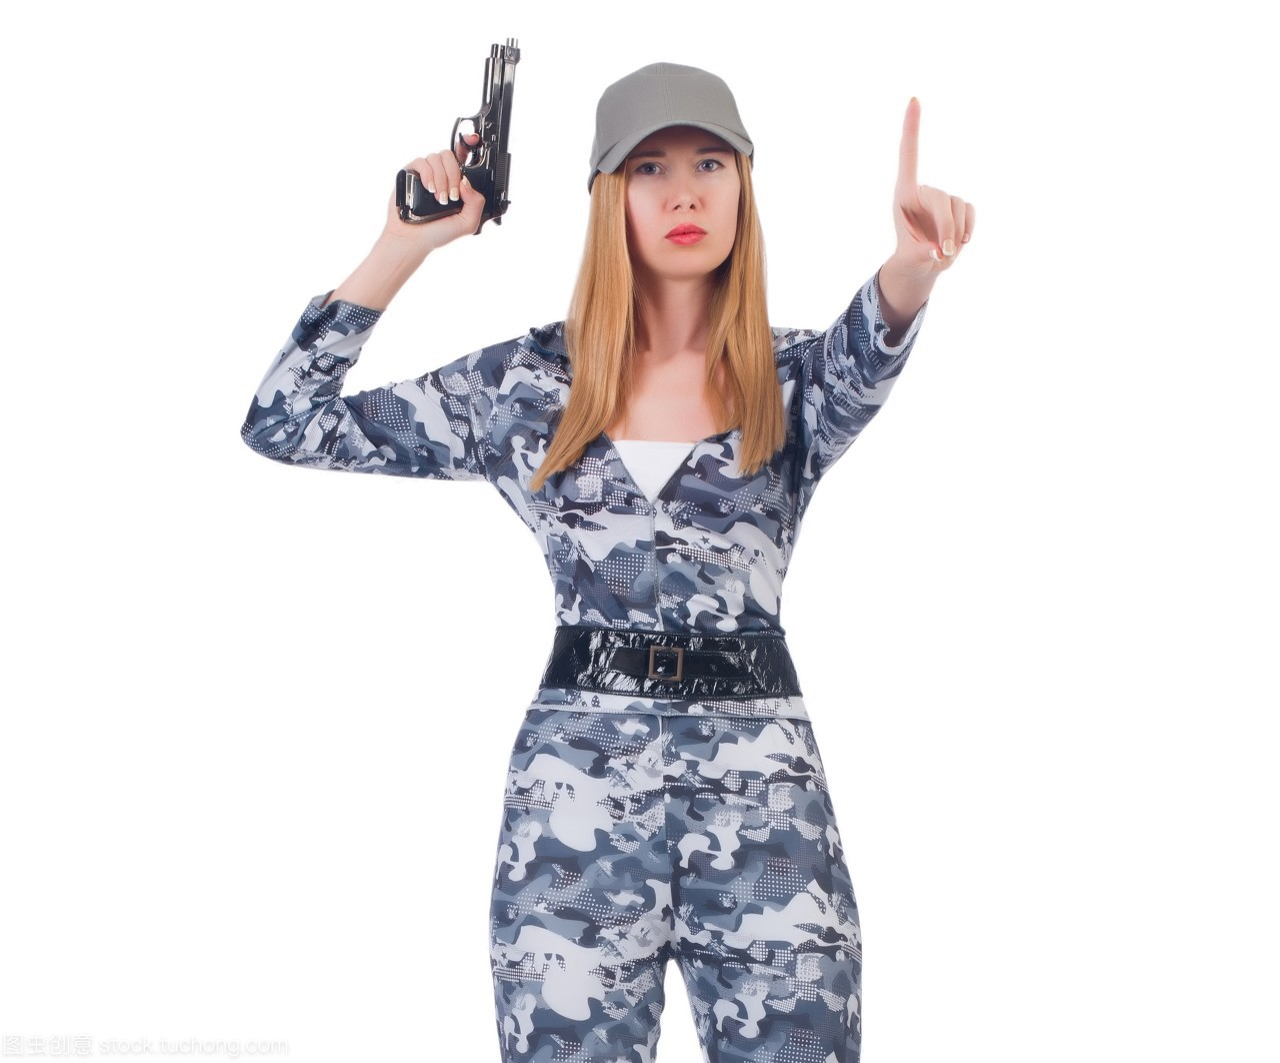 枪,兵士,特别,特殊,勇士,打仗,军事,武士,女生,皎初夜战争后图片